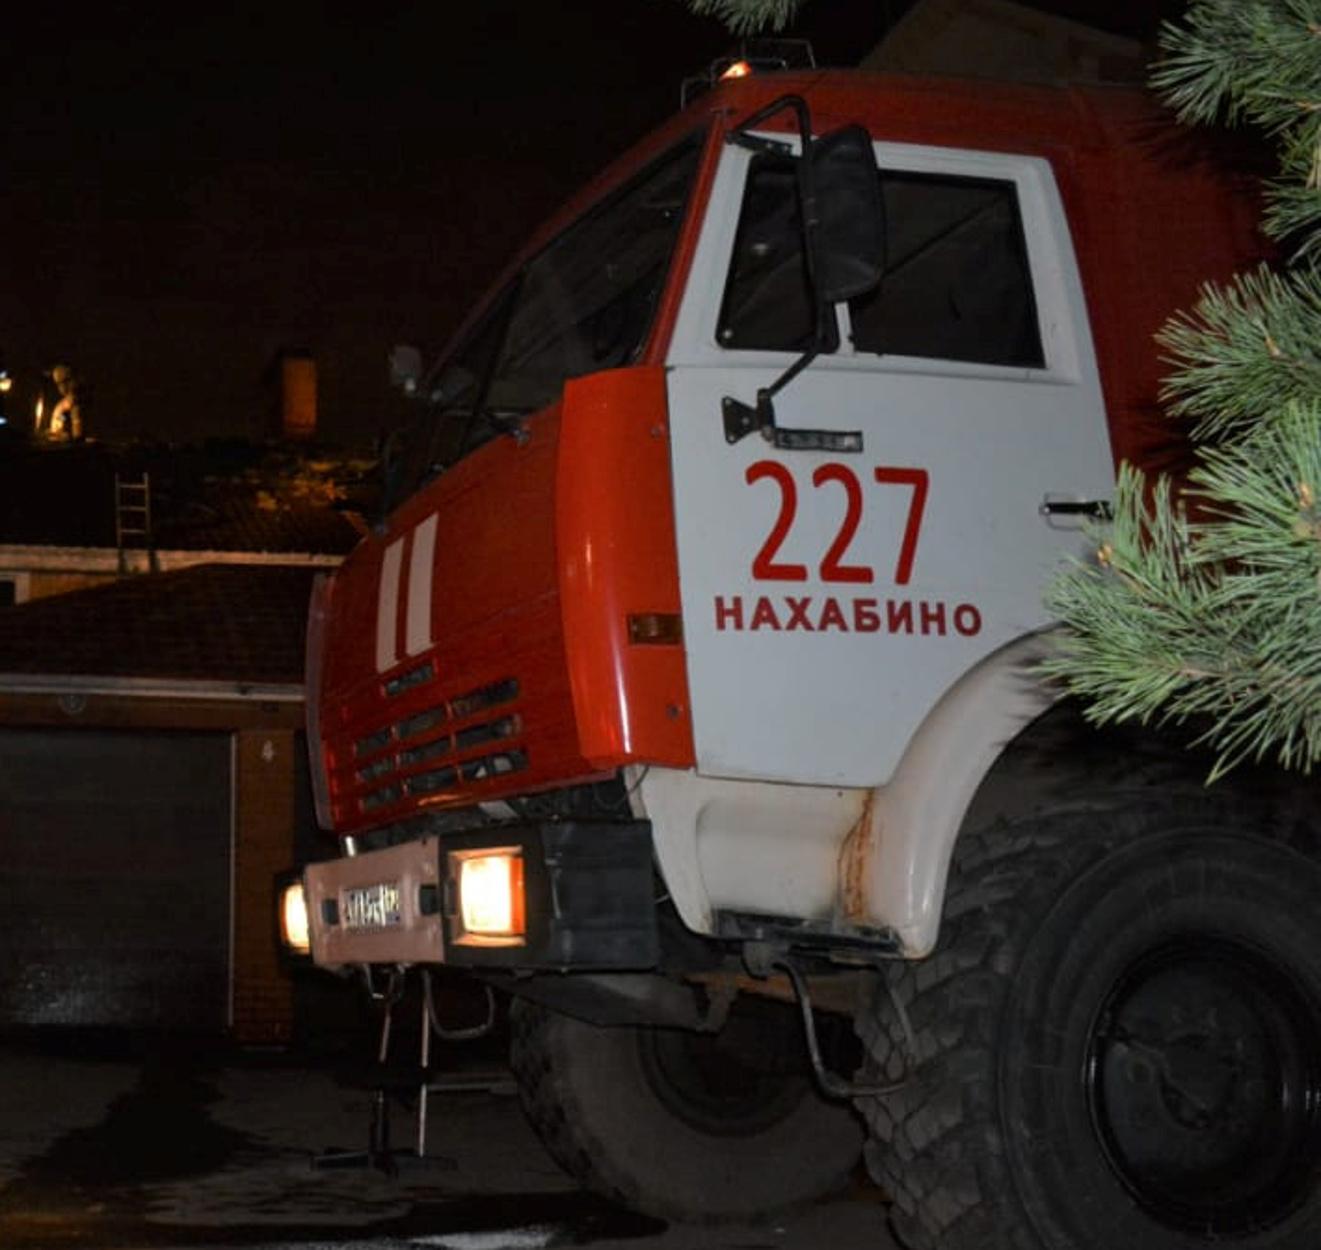 Αγία Πετρούπολη: Ένας νεκρός από φωτιά σε νοσοκομείο